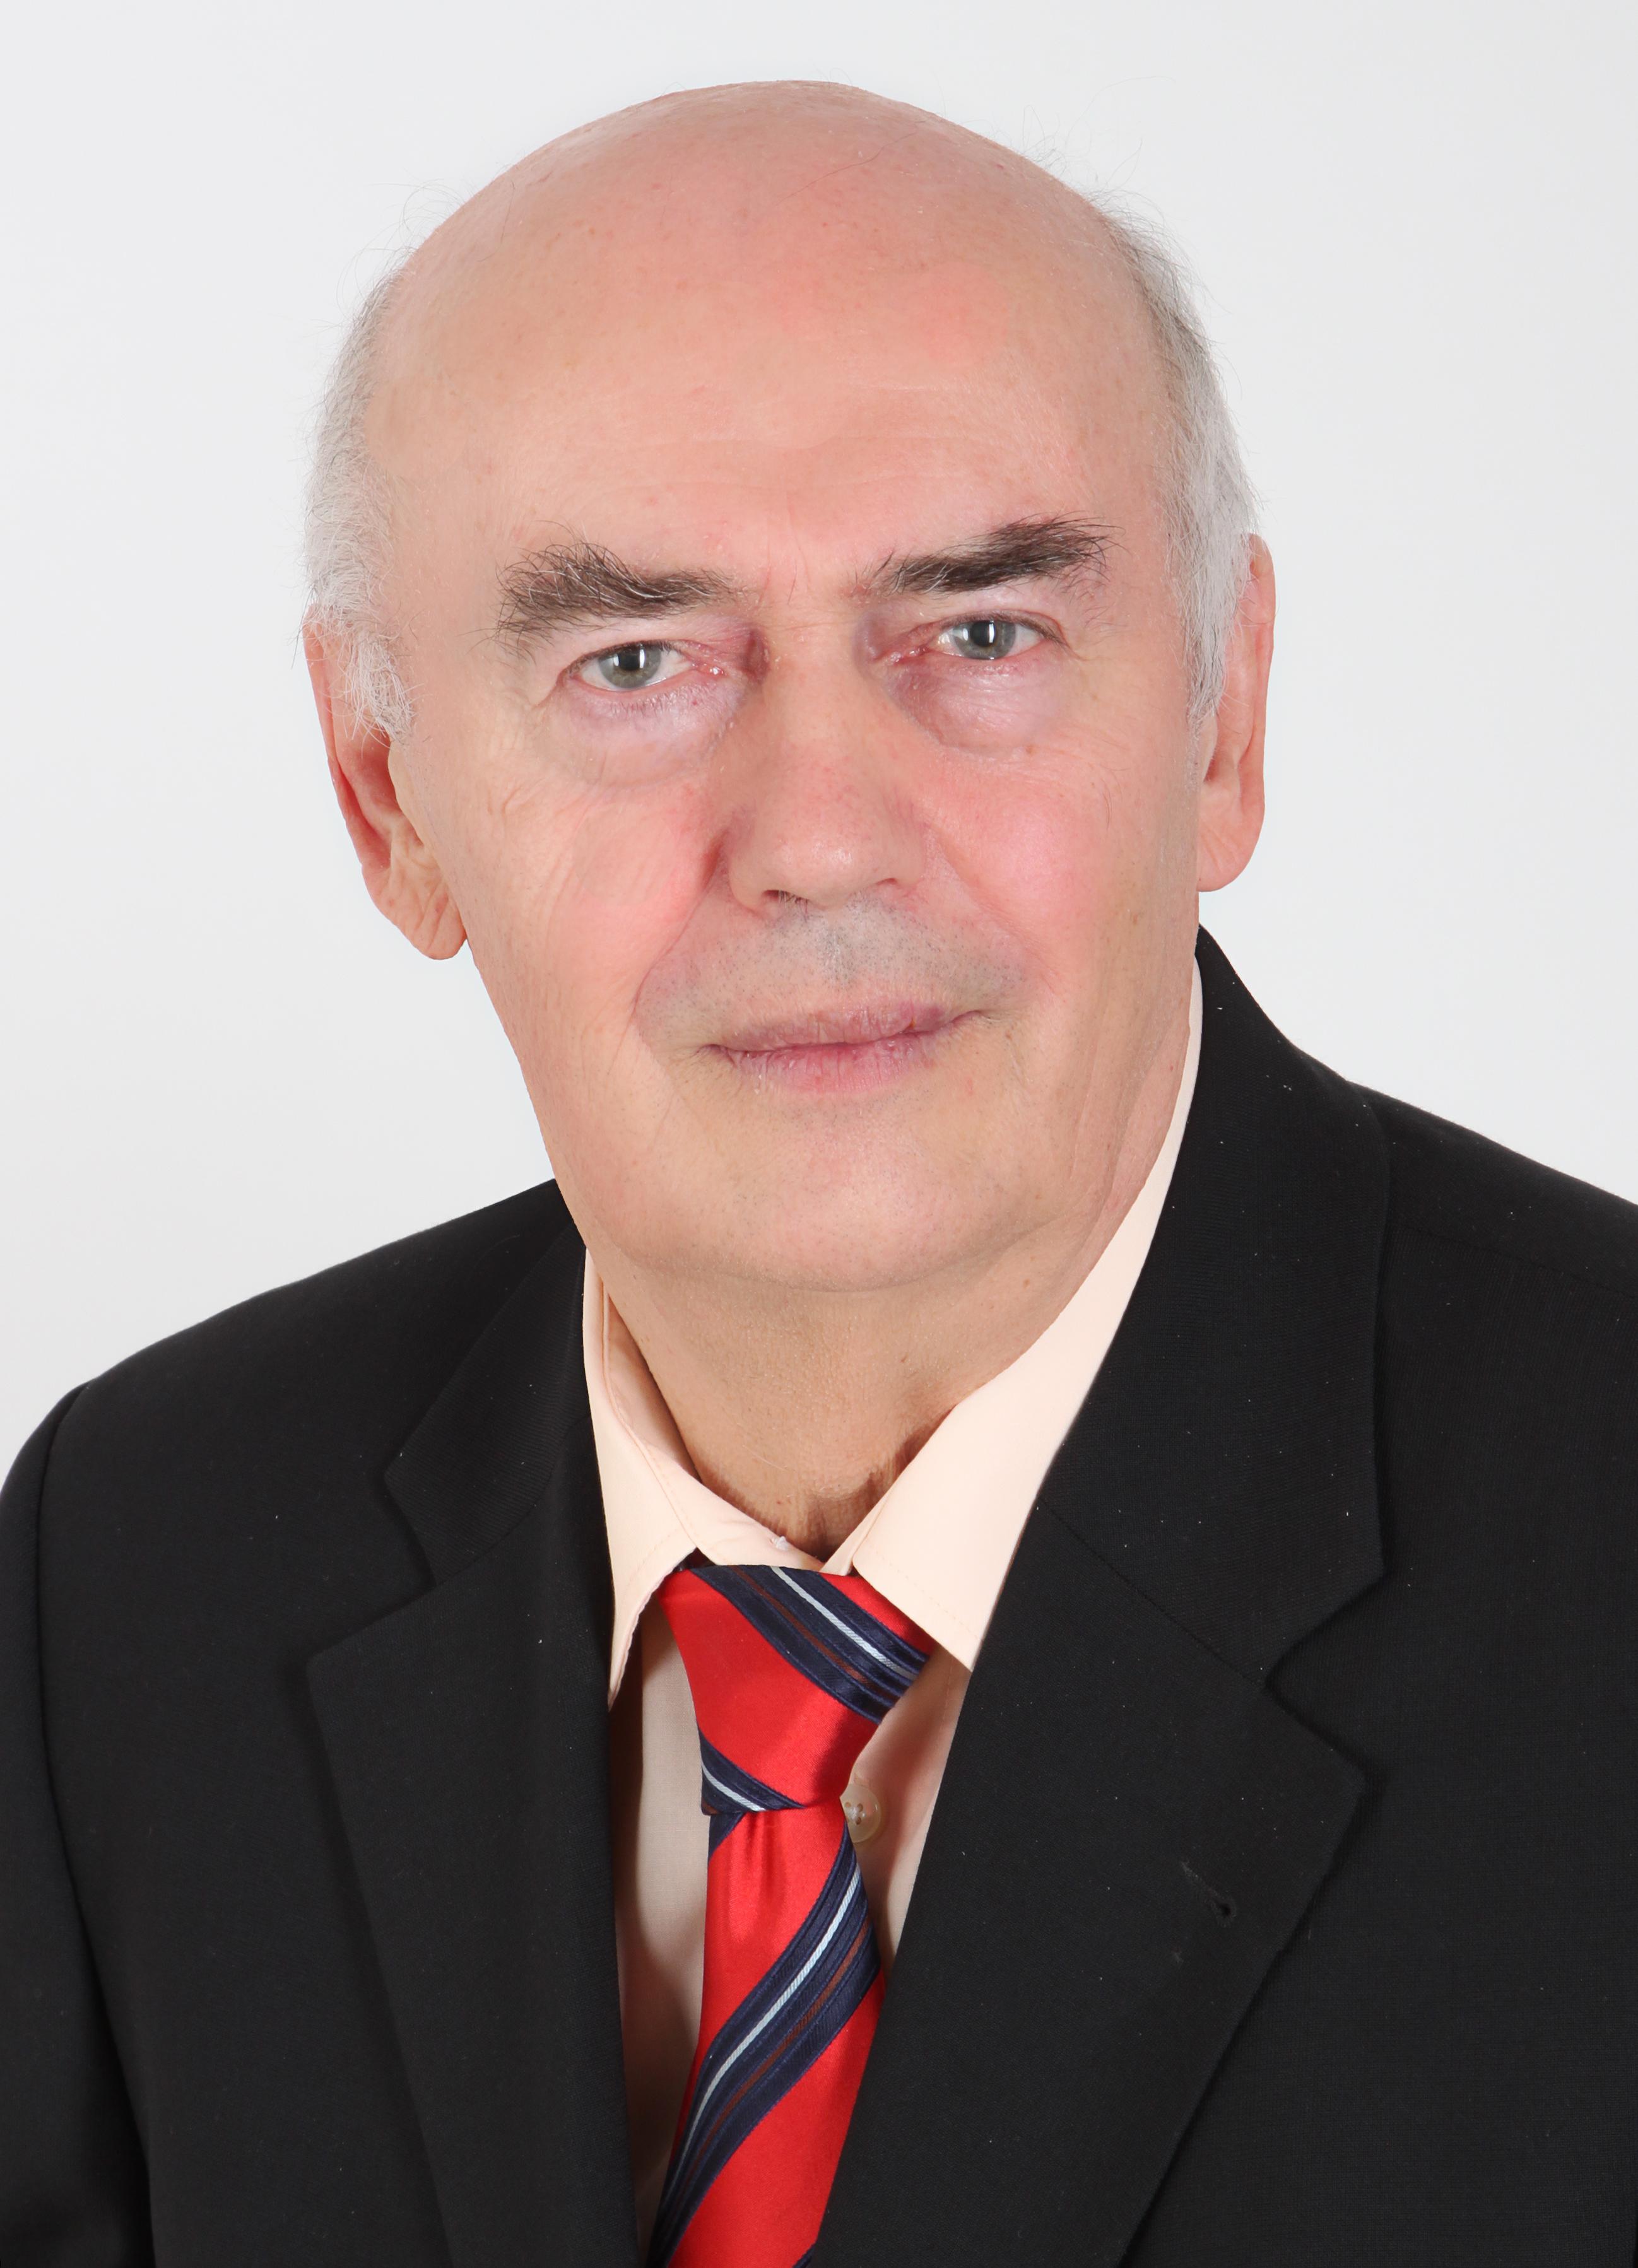 Friedrich Michel